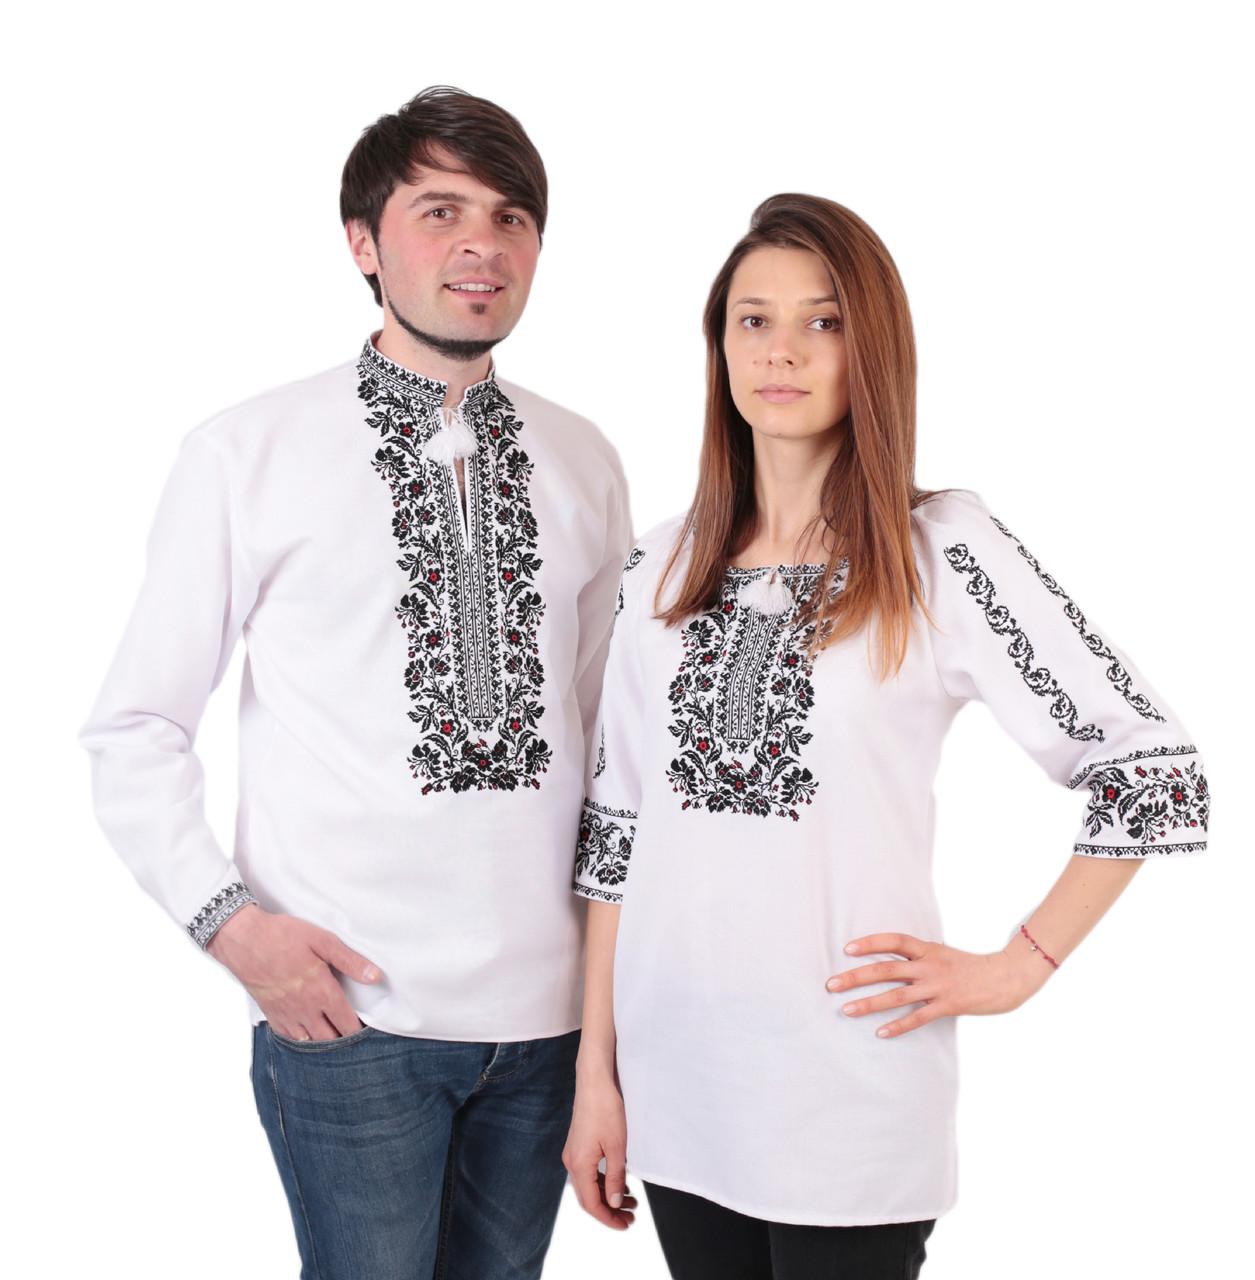 Пара вишиванок білого кольору з чорним орнаментом з машинною вишивкою